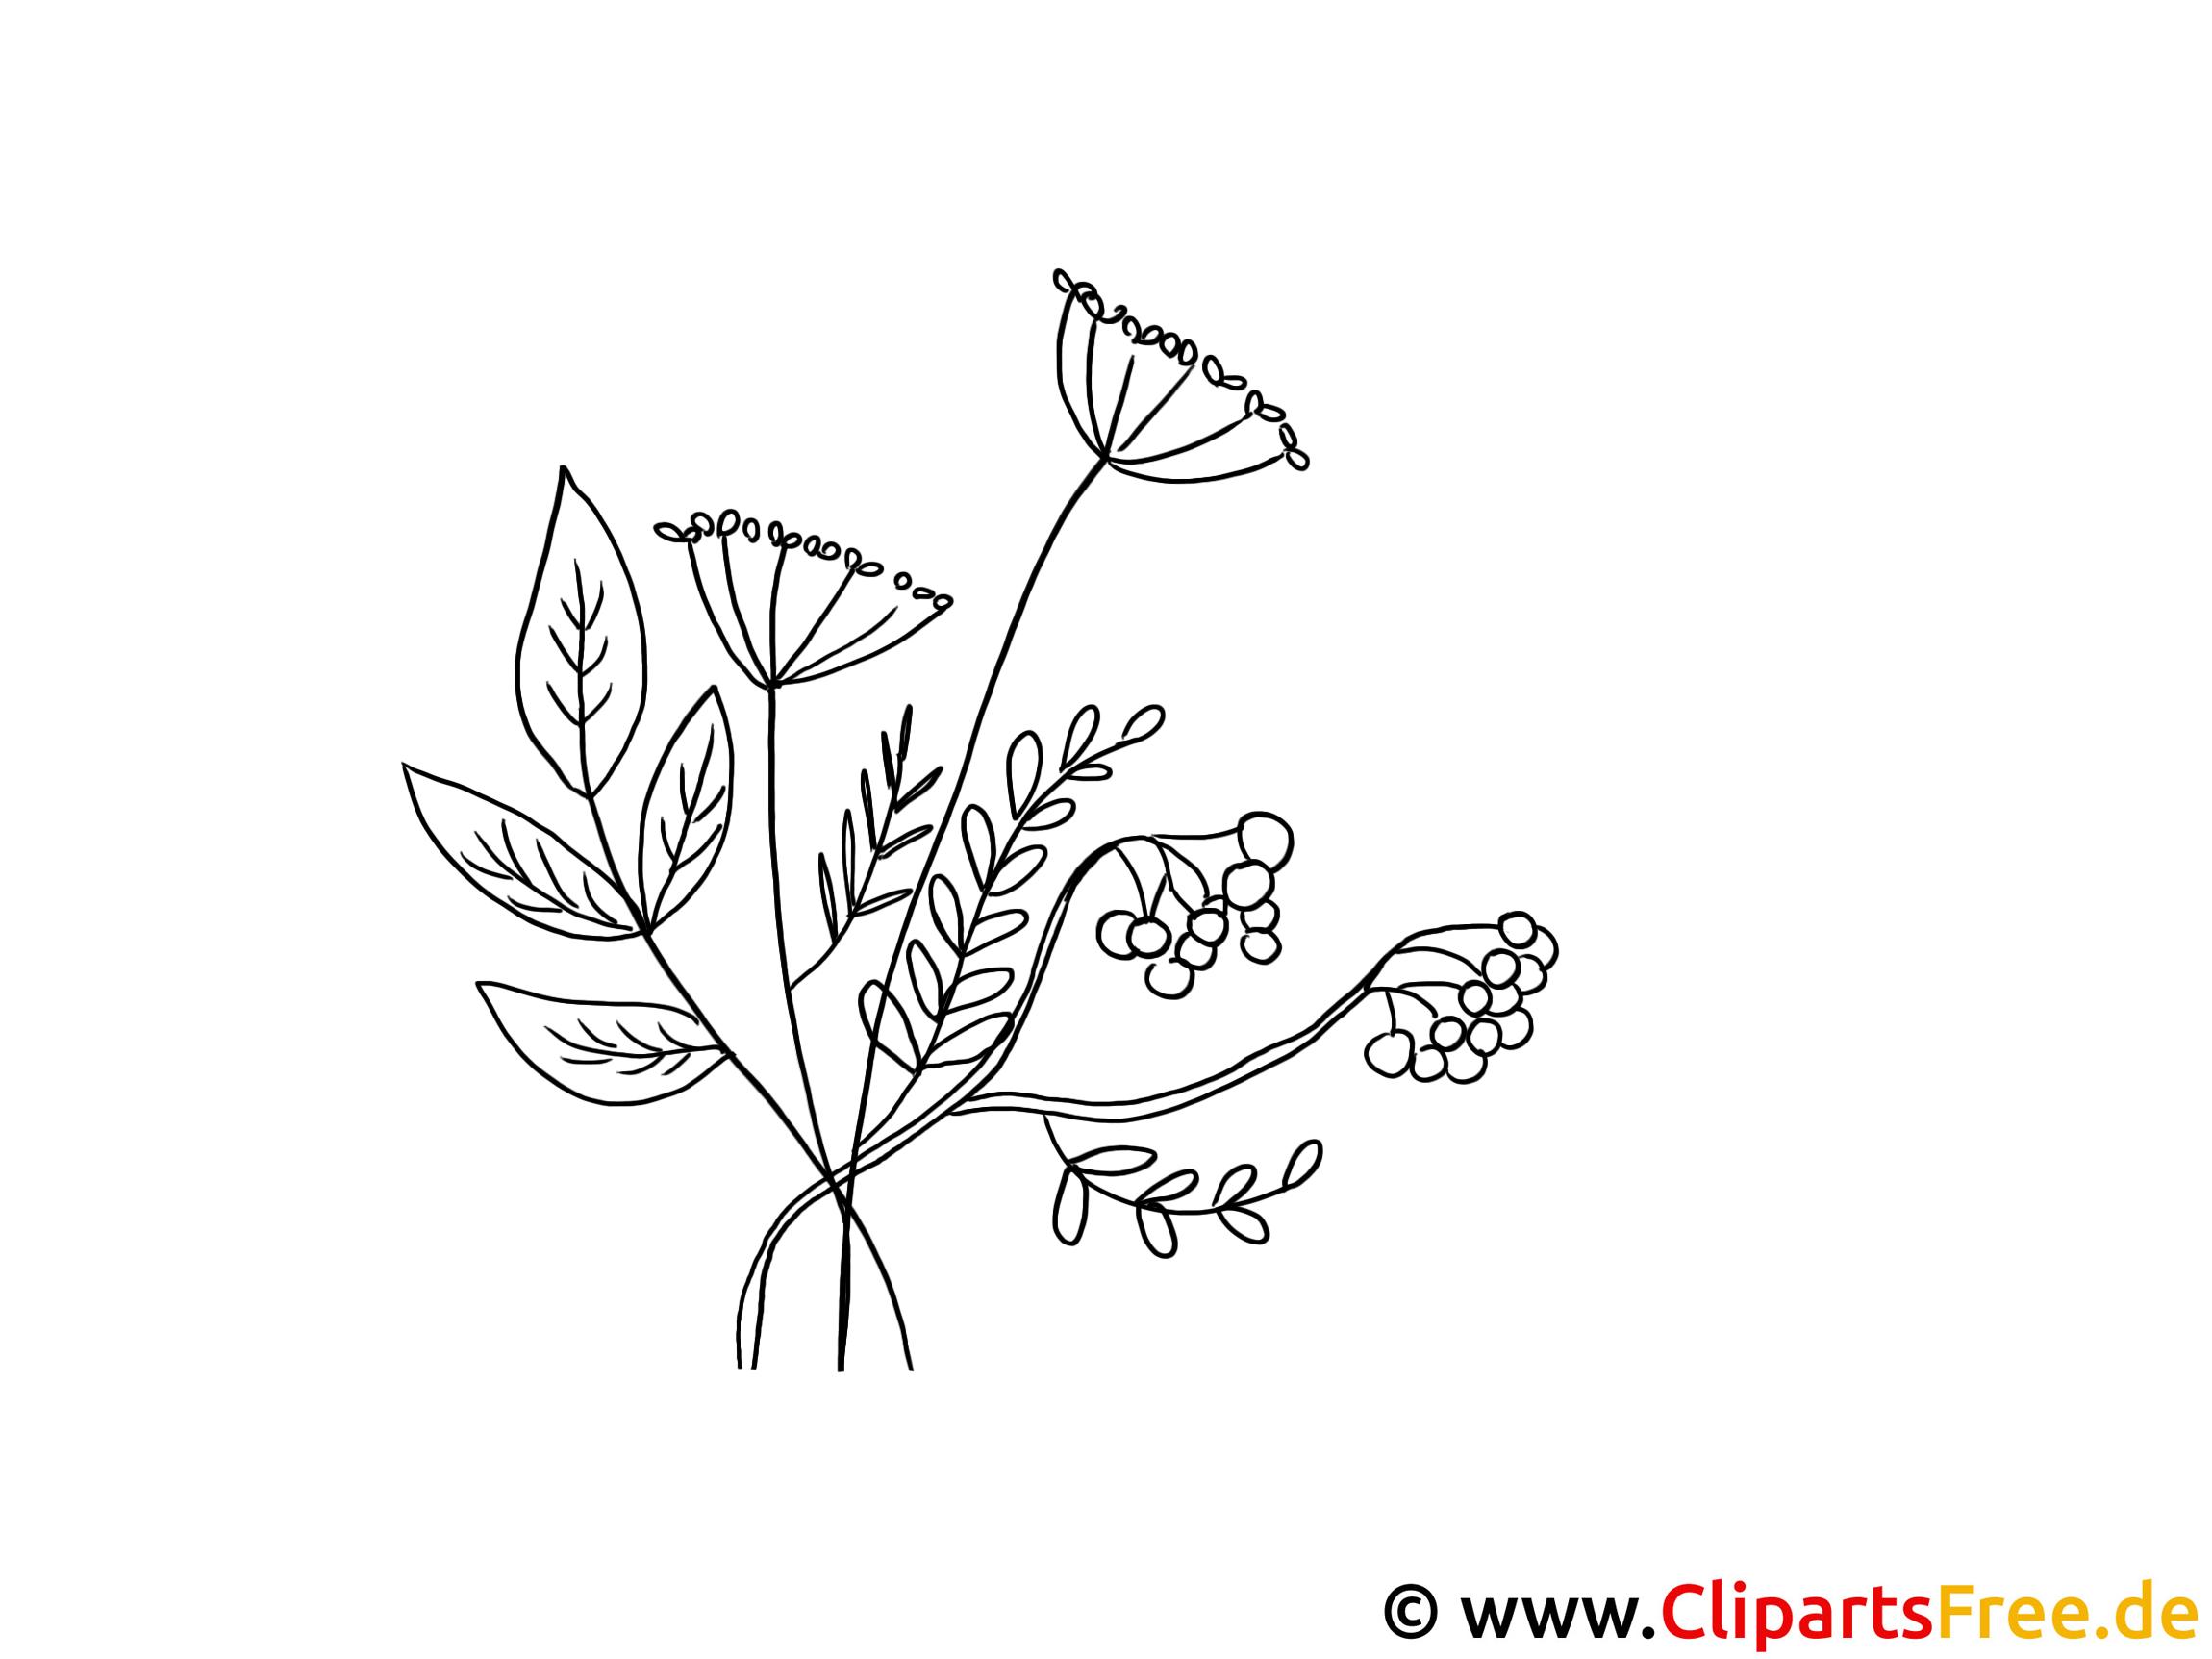 Herbstblumen Bild zum Ausmalen gratis